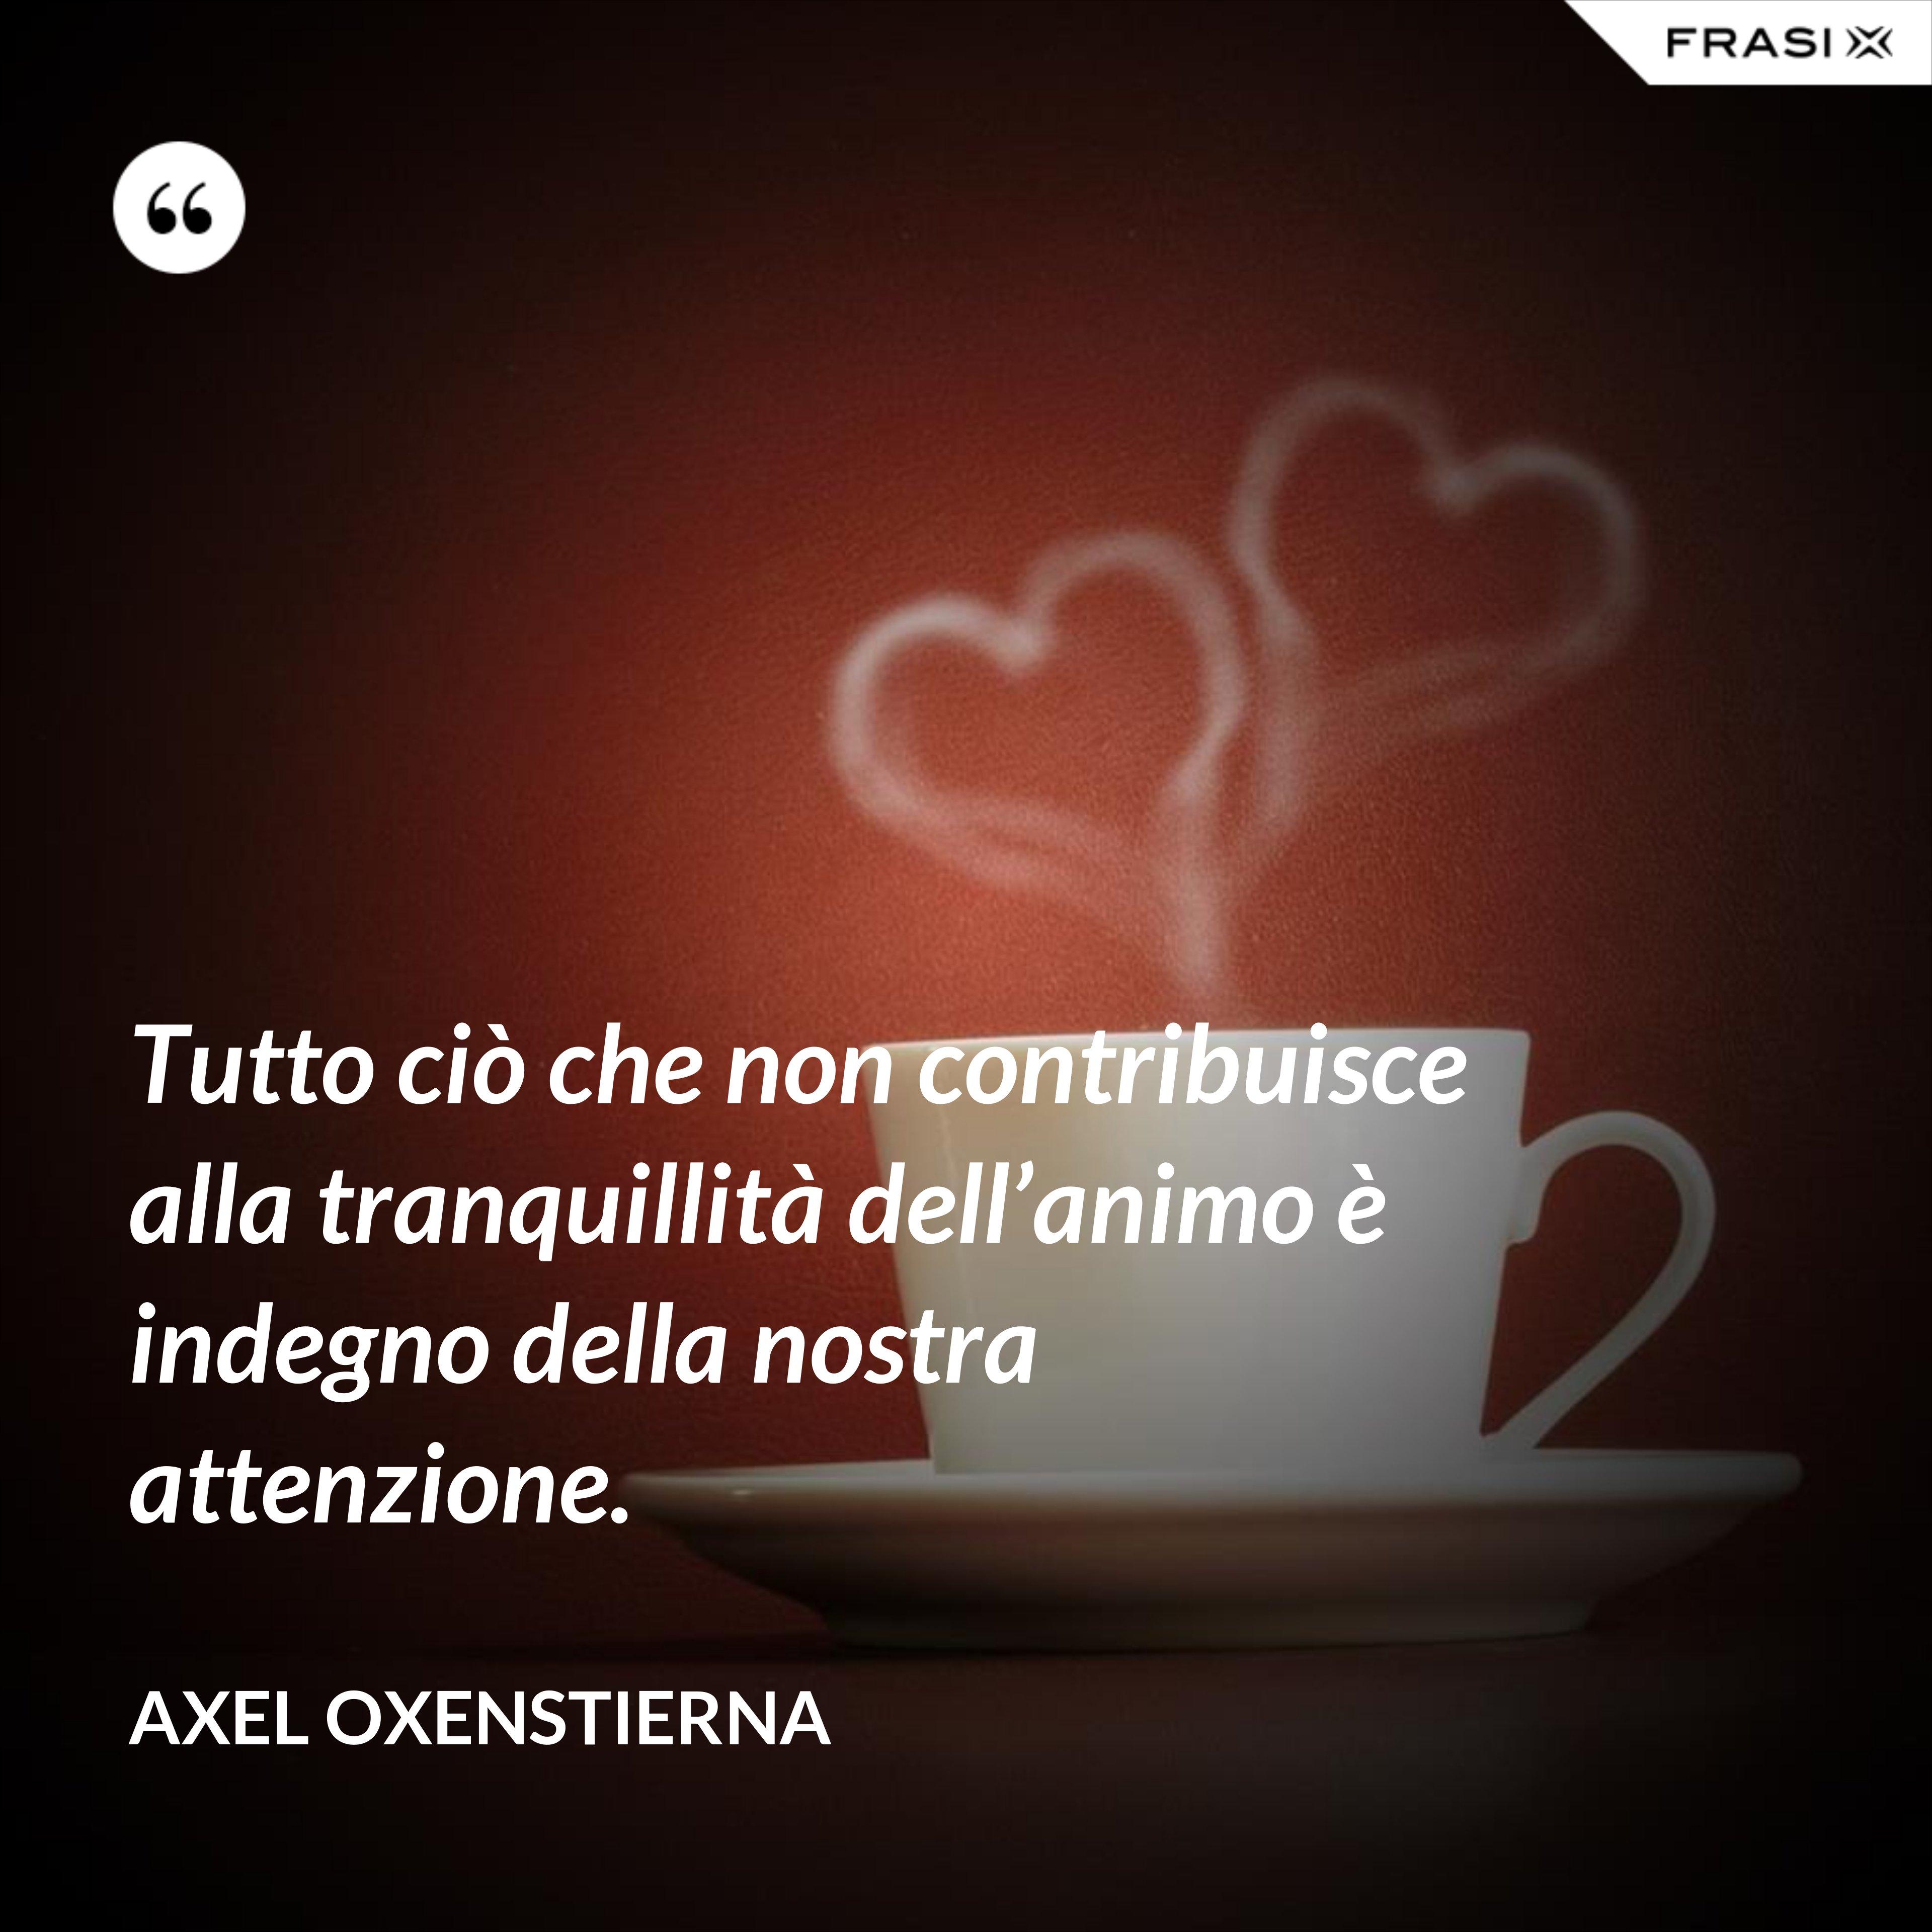 Tutto ciò che non contribuisce alla tranquillità dell'animo è indegno della nostra attenzione. - Axel Oxenstierna